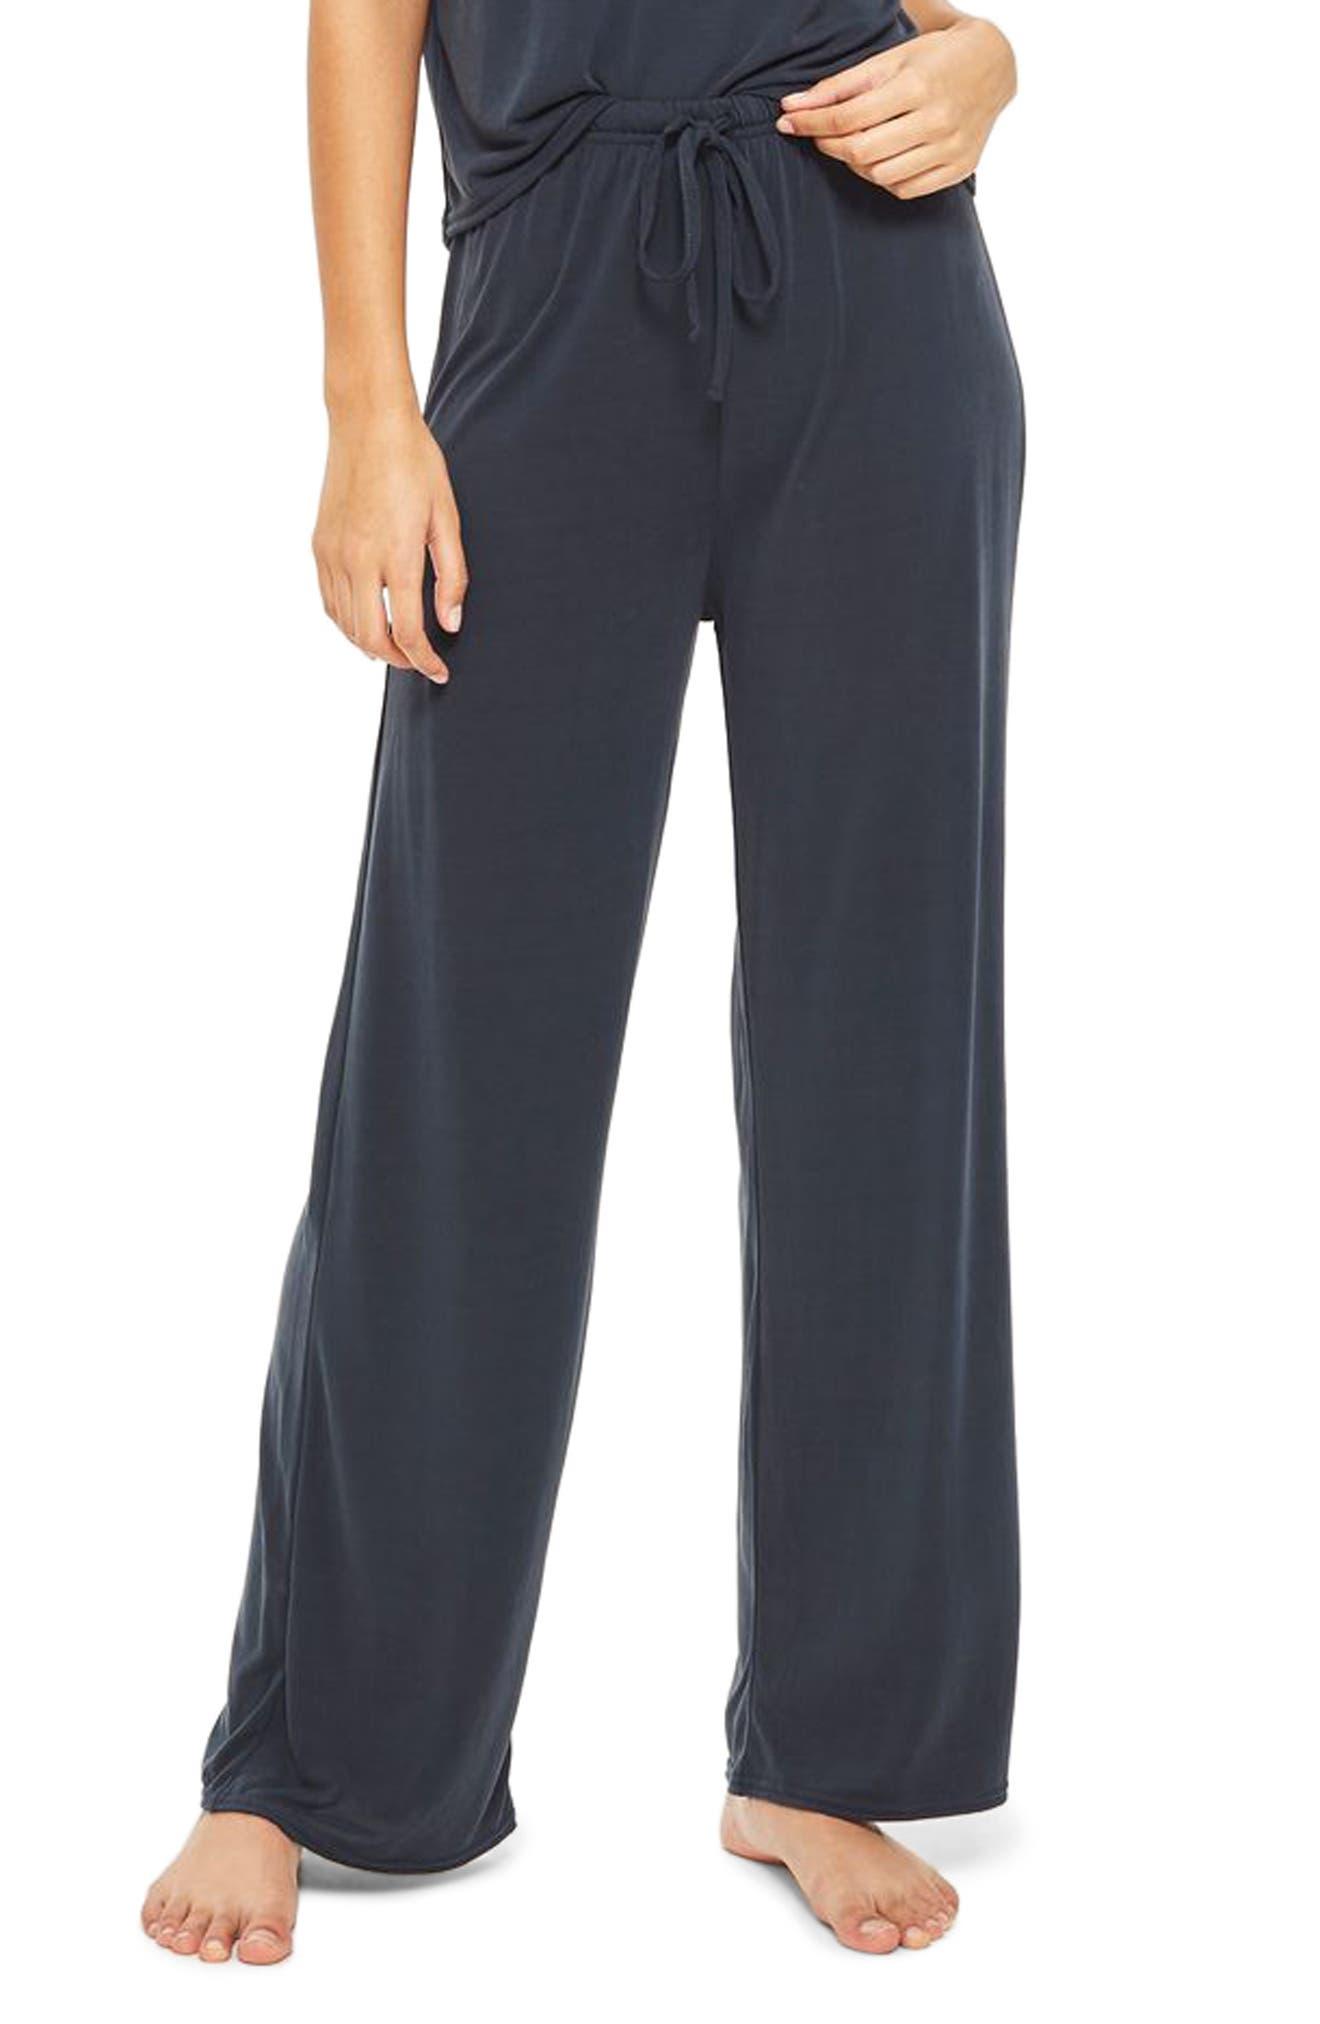 Cupro Lounge Pants,                         Main,                         color, 411